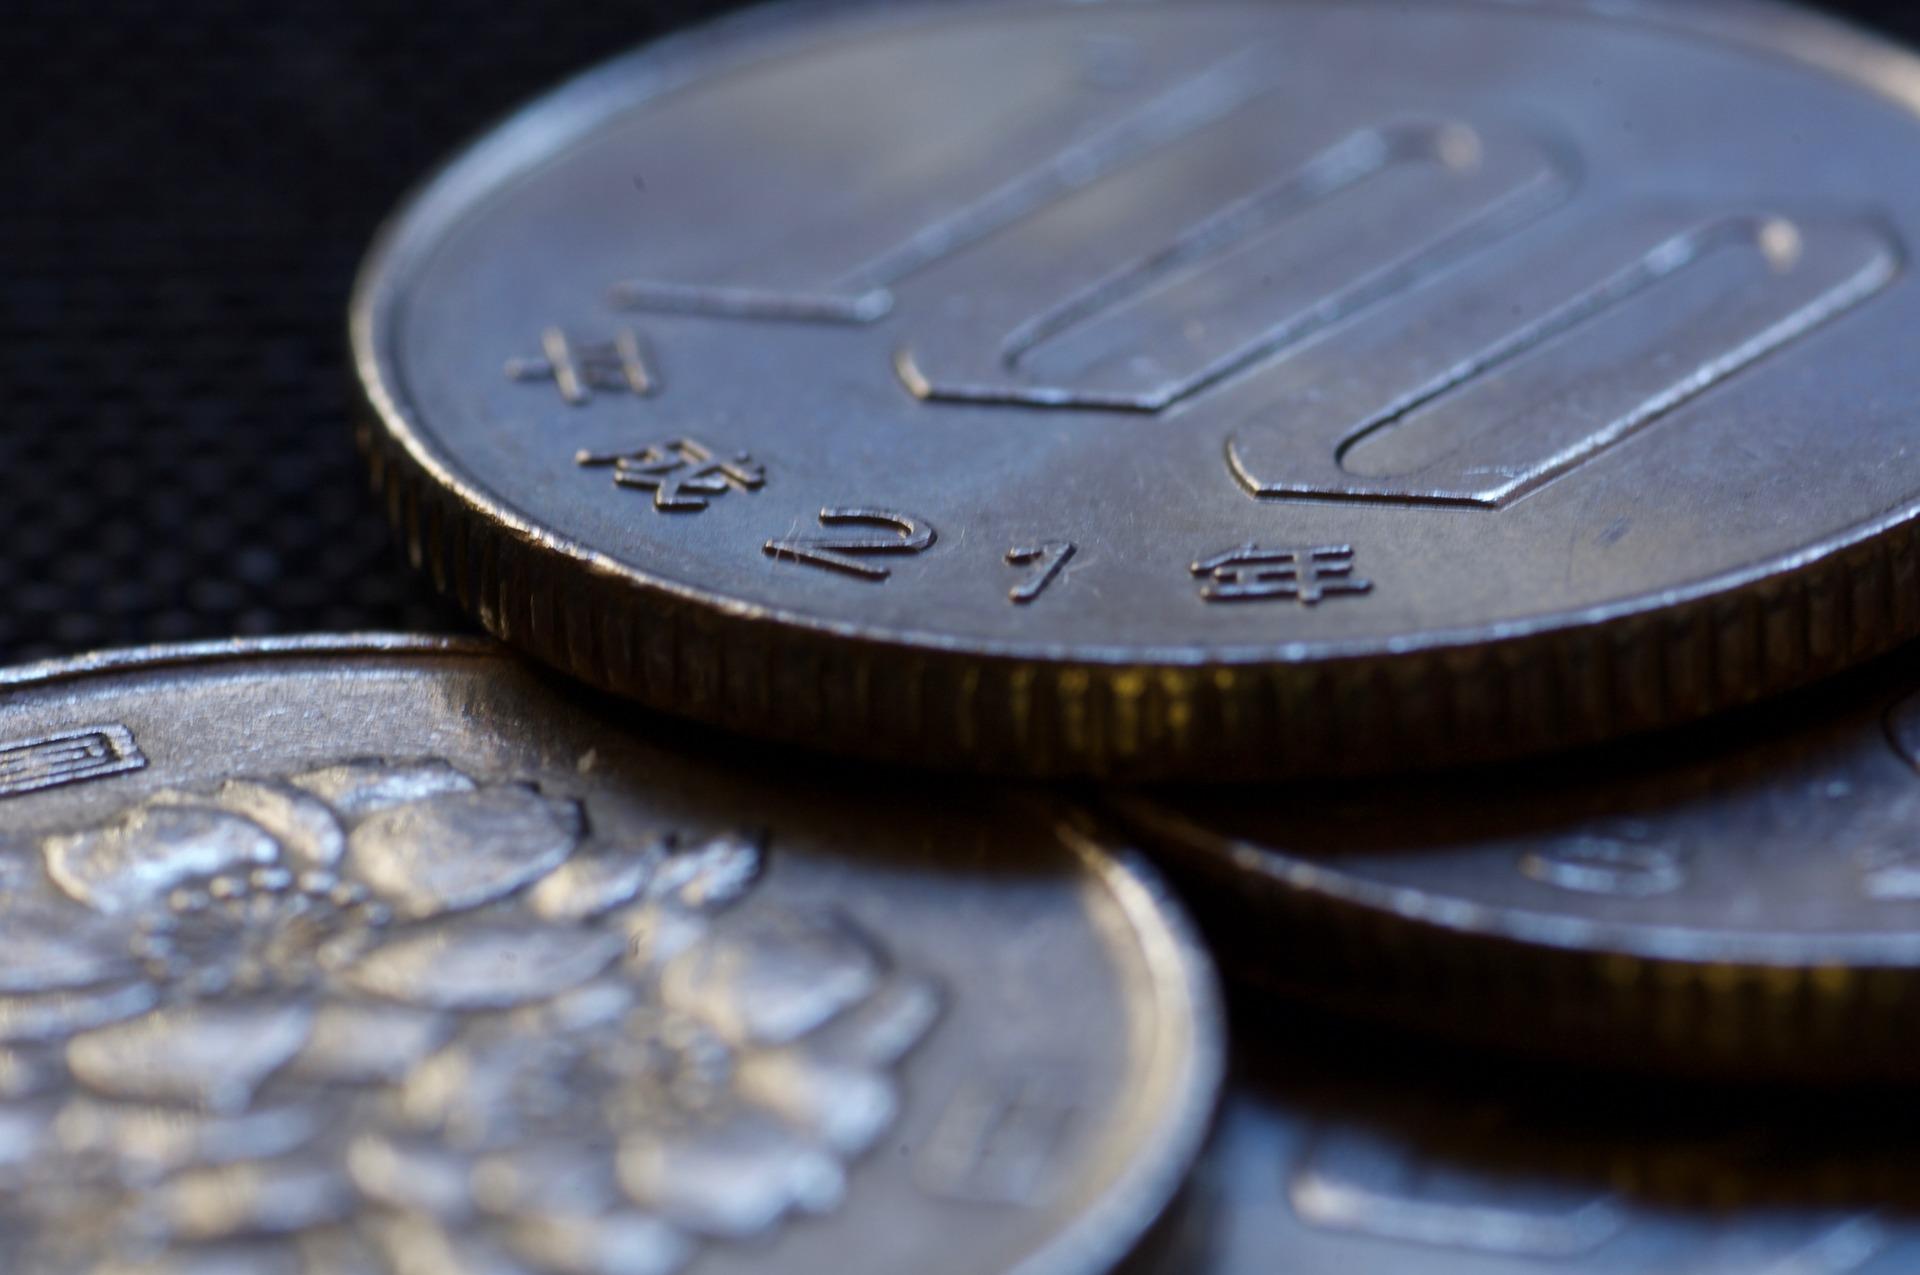 Yen ETF Jumps as BOJ Stands Pat, 'Brexit' Concerns Mount